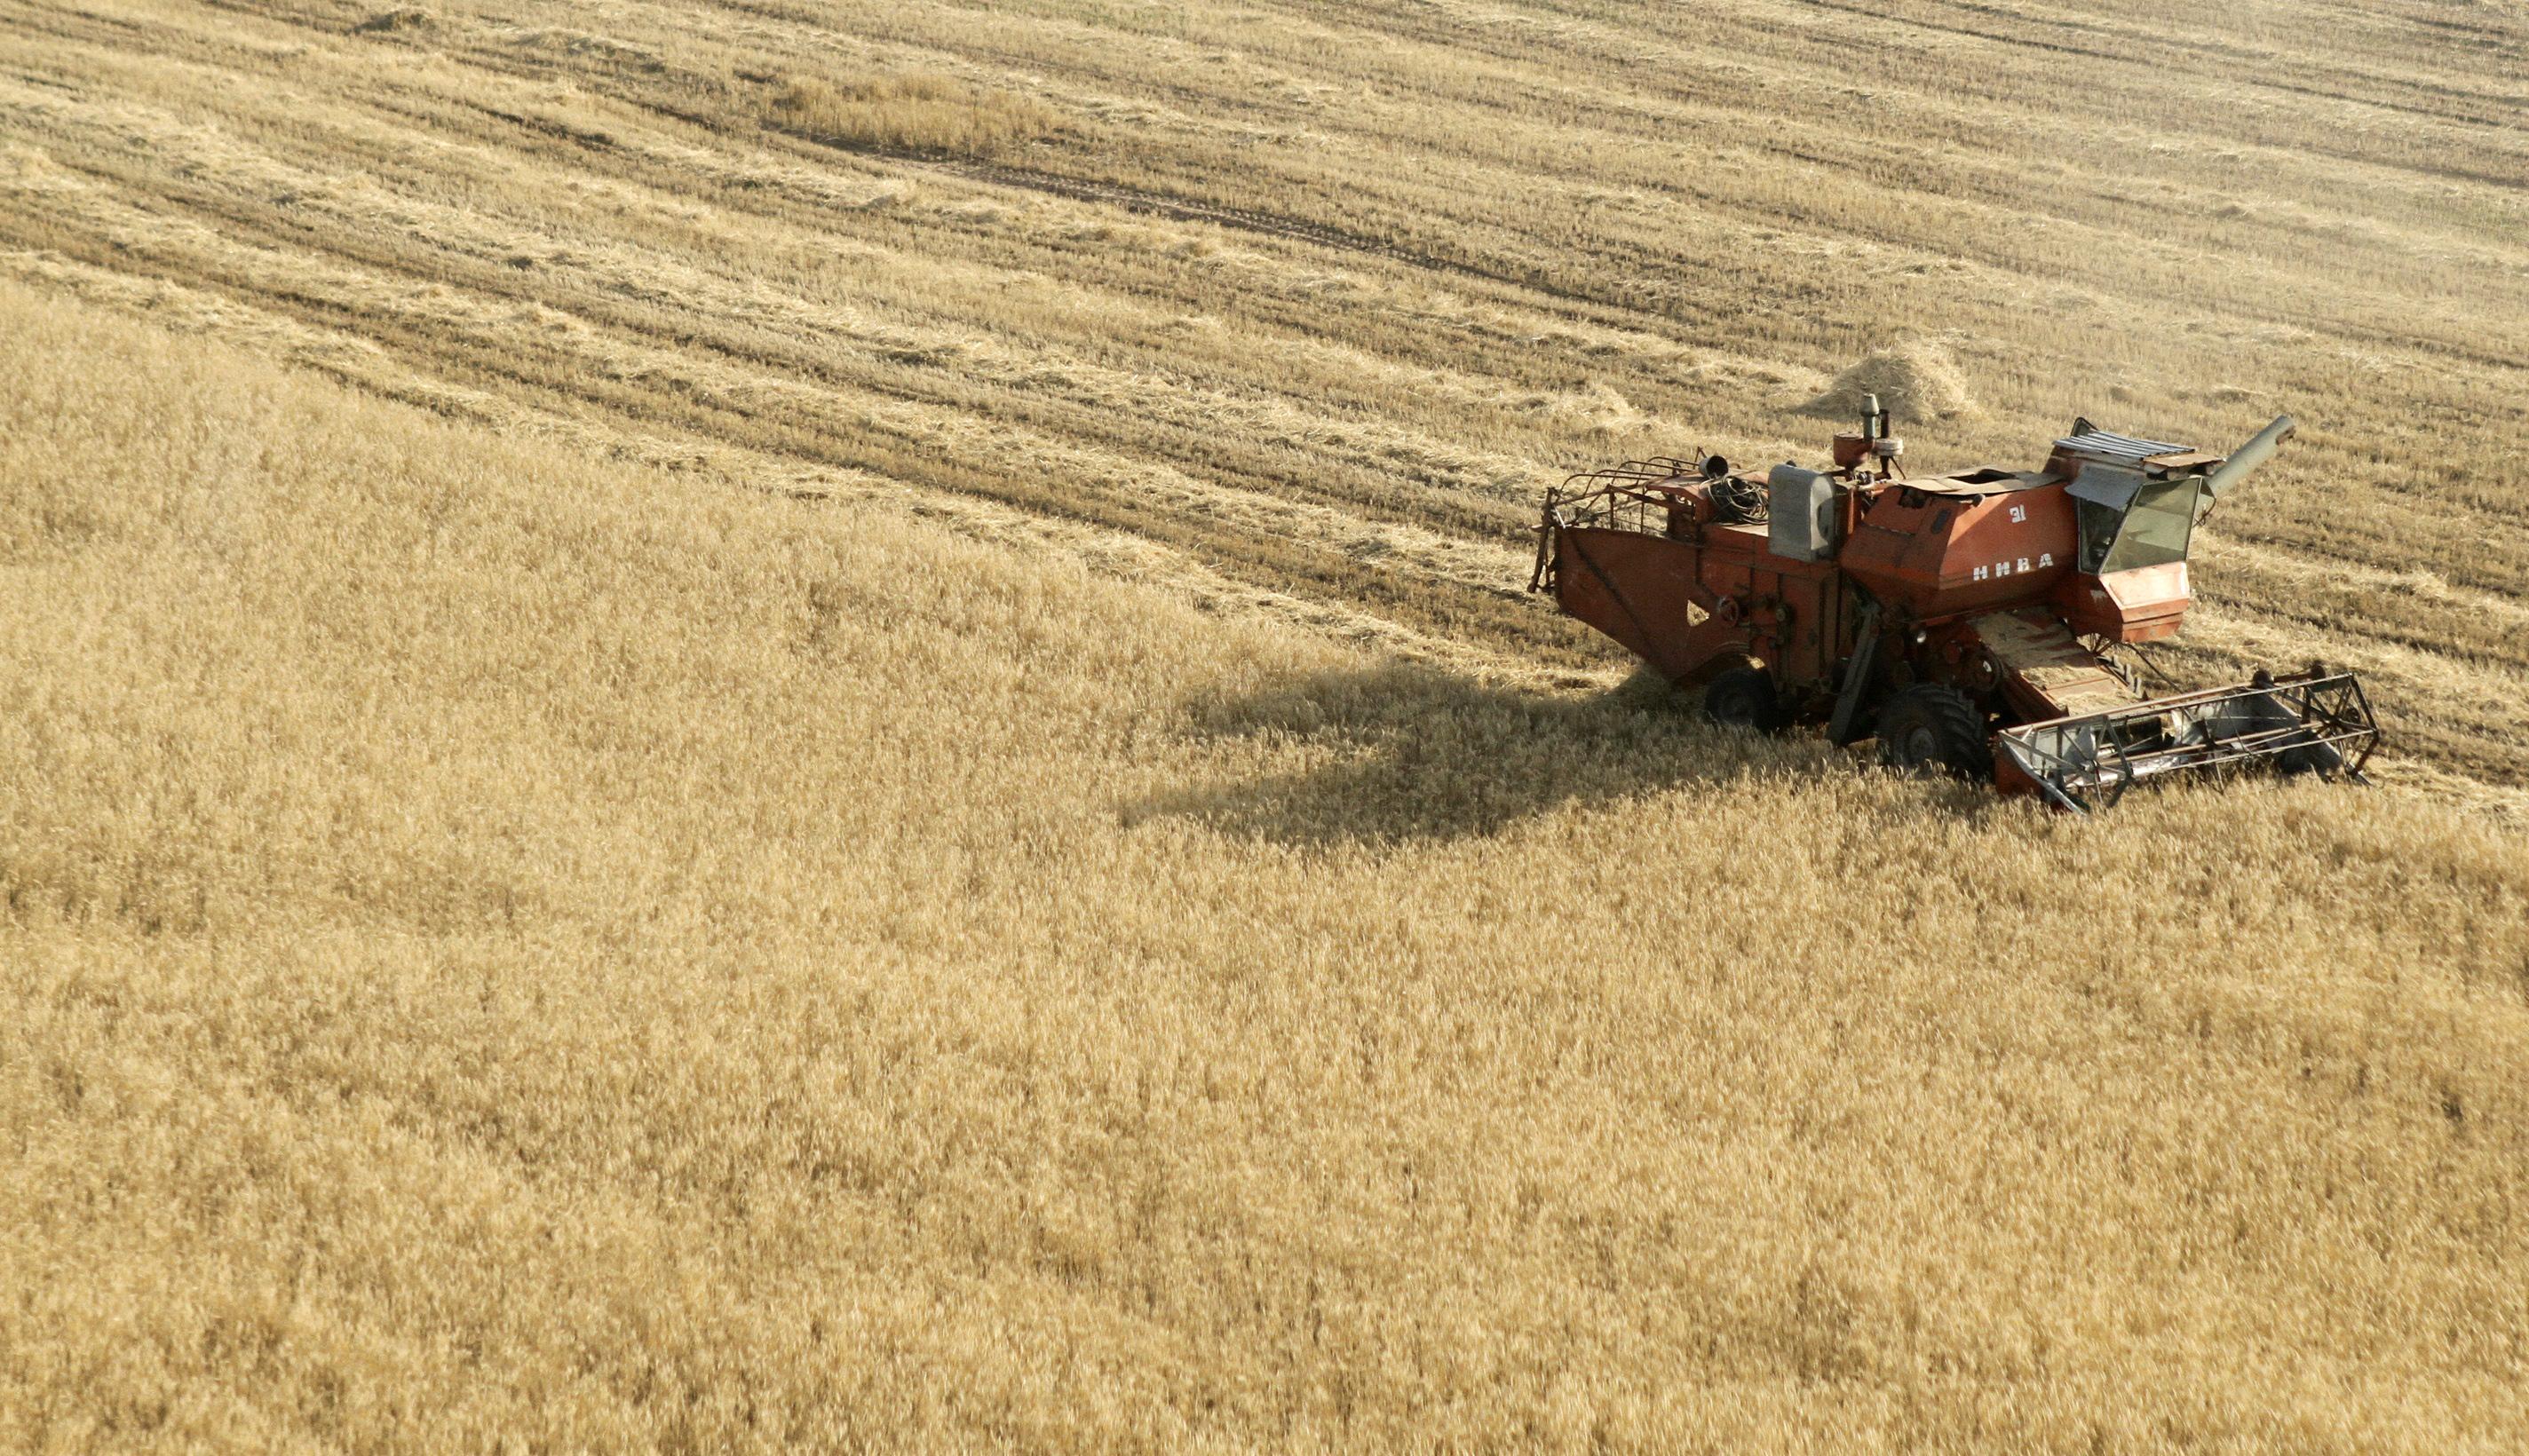 Aumento e diversificação de trocas comerciais agrícolas são esperados